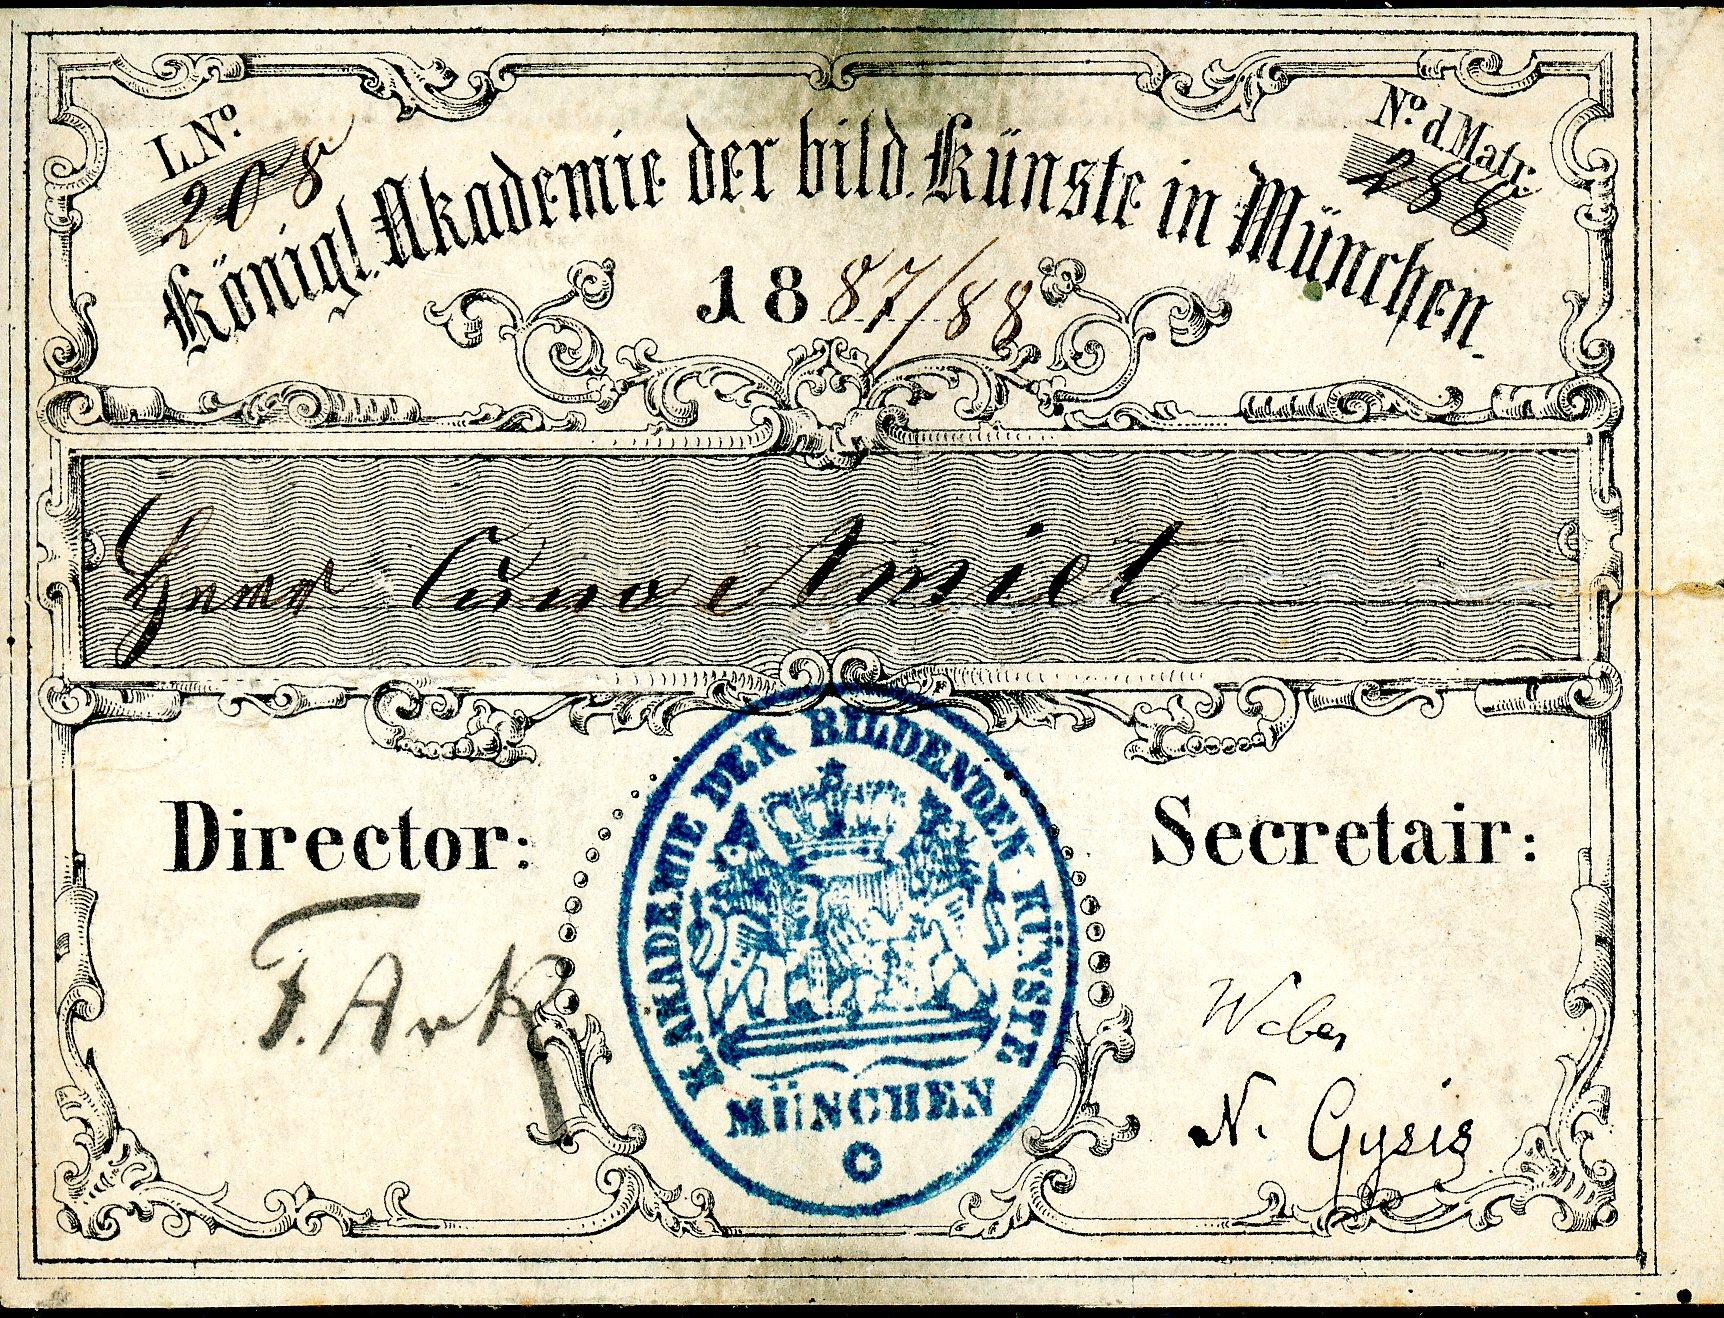 Schulausweis Cuno Amiets von der Akademie der bildenden Künste in München, 1877/78